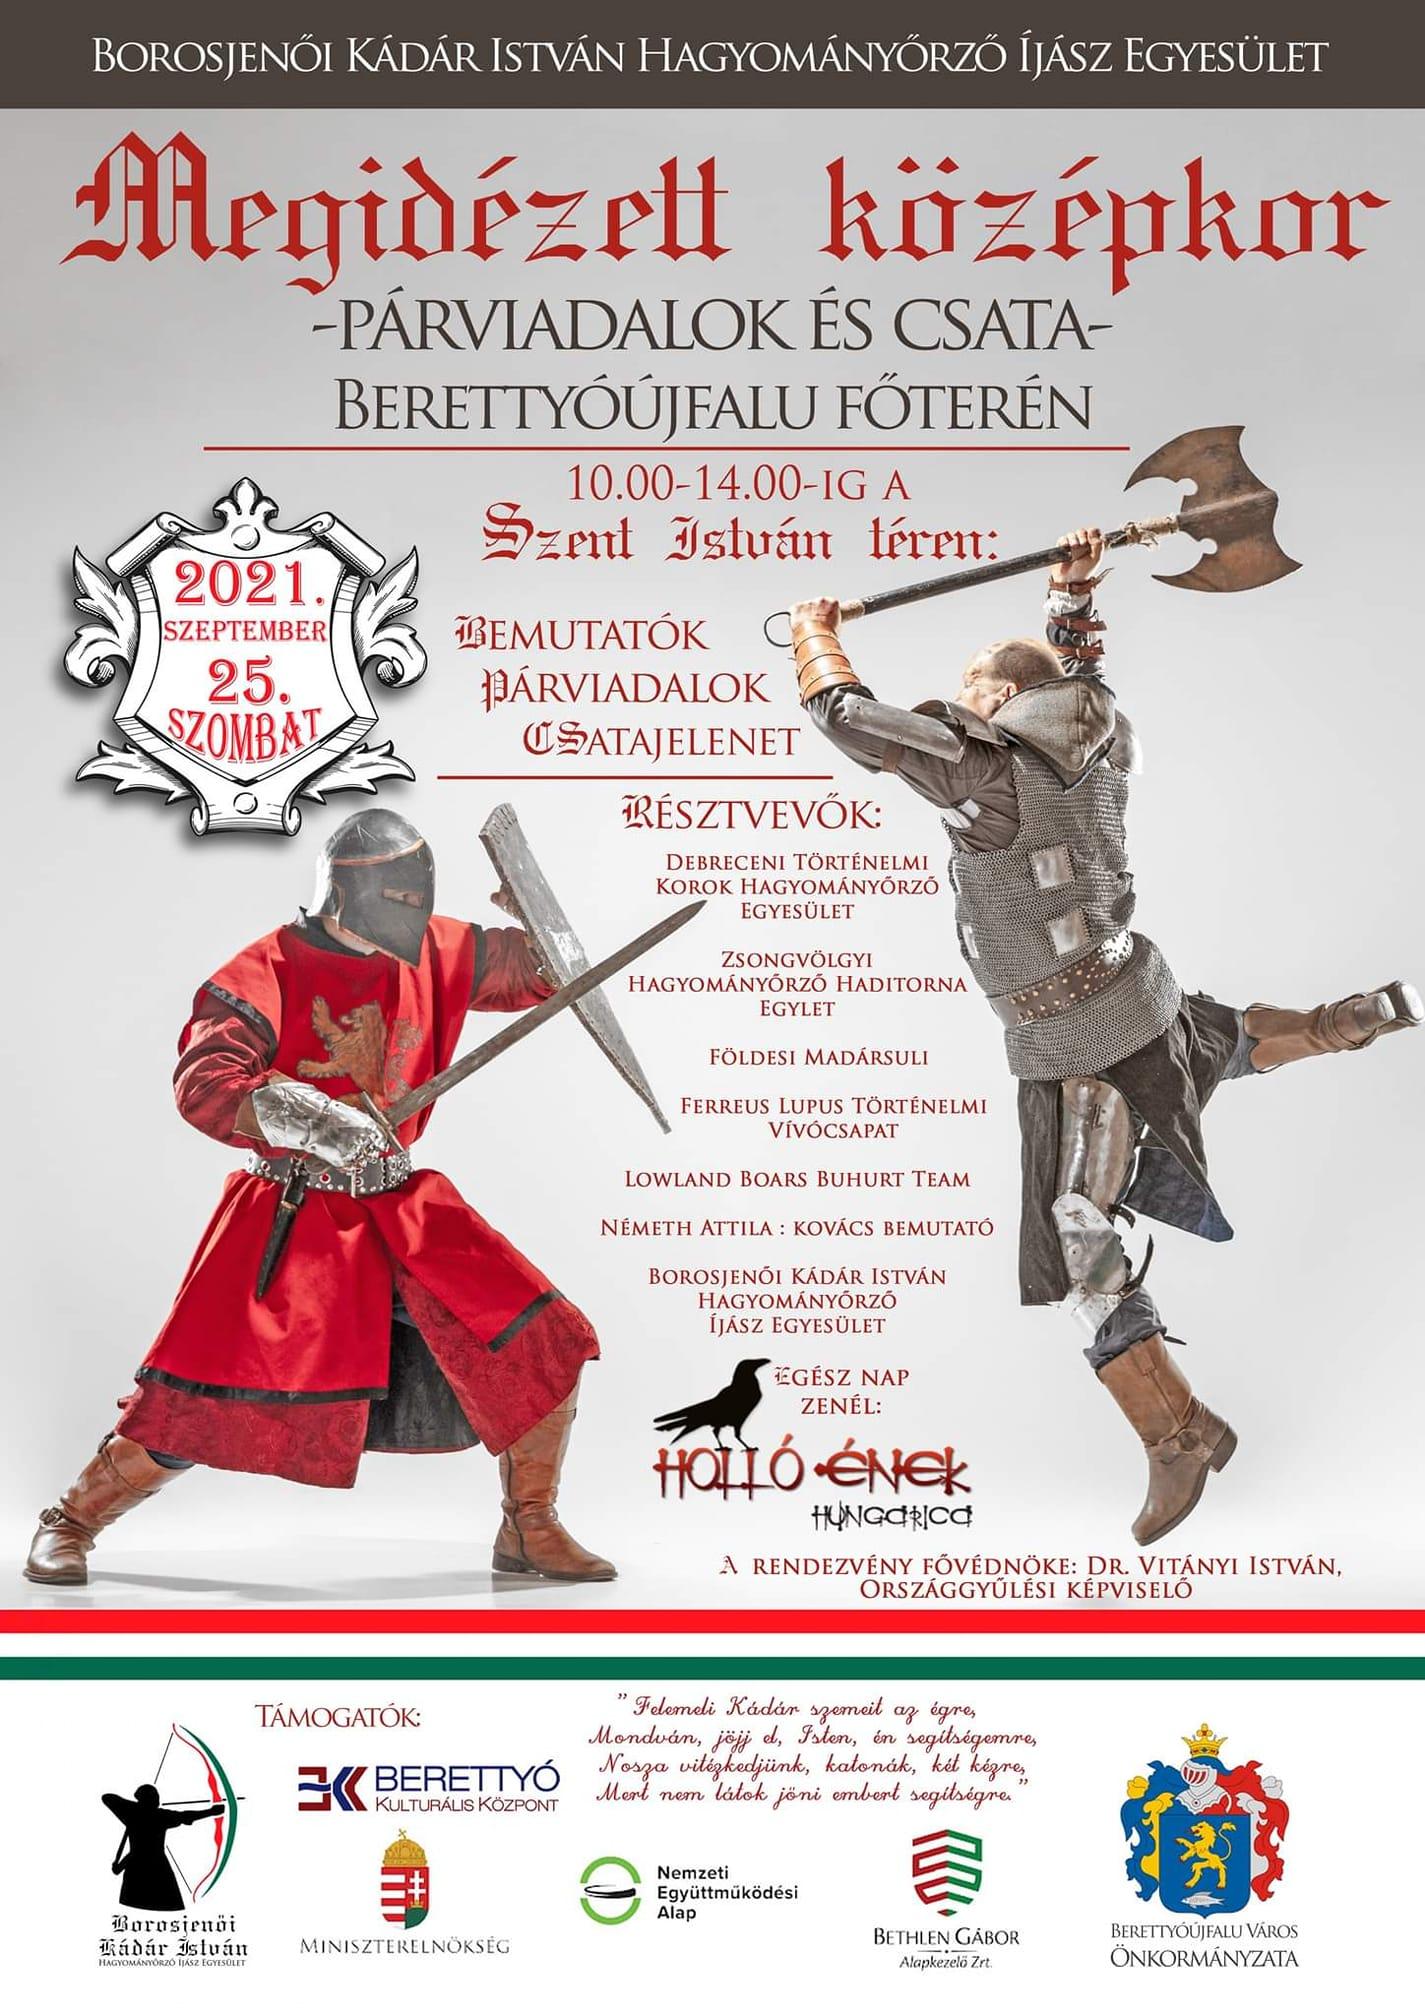 Megidézett középkor - Párviadalok és csata Berettyóújfalu főterén